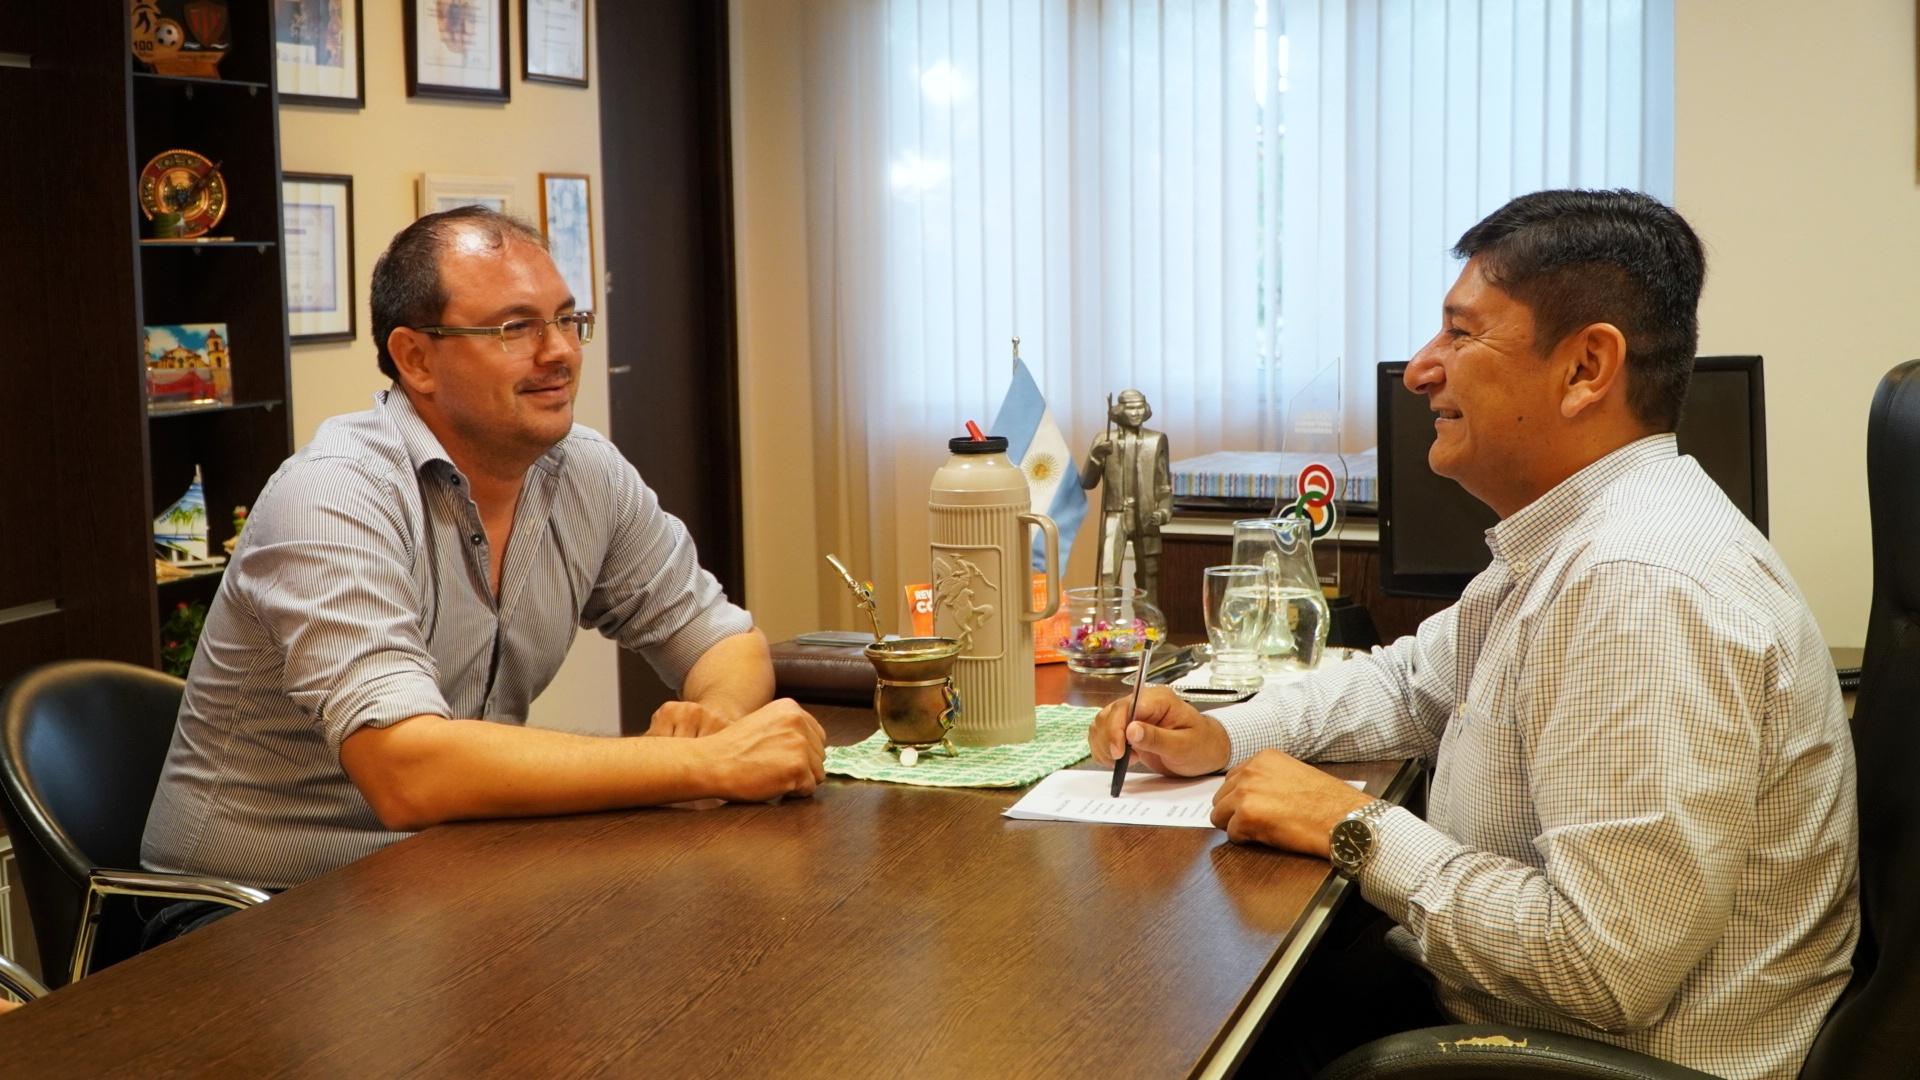 El IFAI elabora con Santiago de Liners estrategias para fomentar el desarrollo productivo